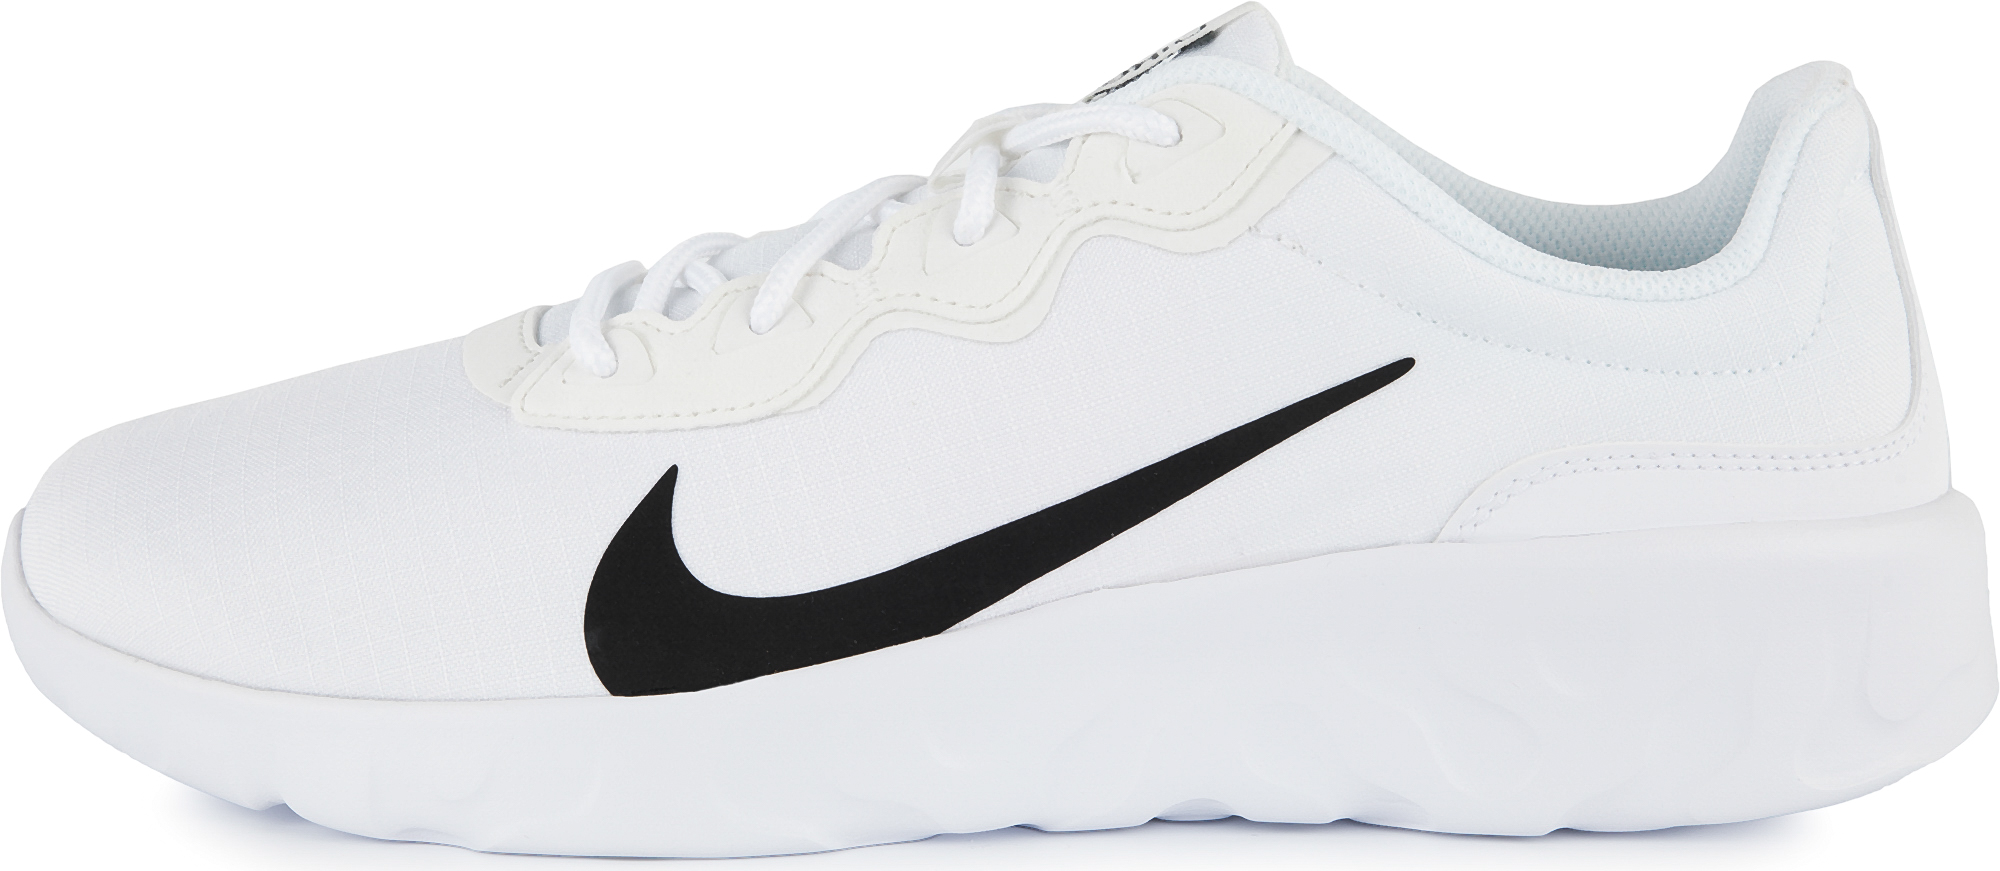 купить Nike Кроссовки мужские Nike Explore Strada, размер 46,5 по цене 3709 рублей